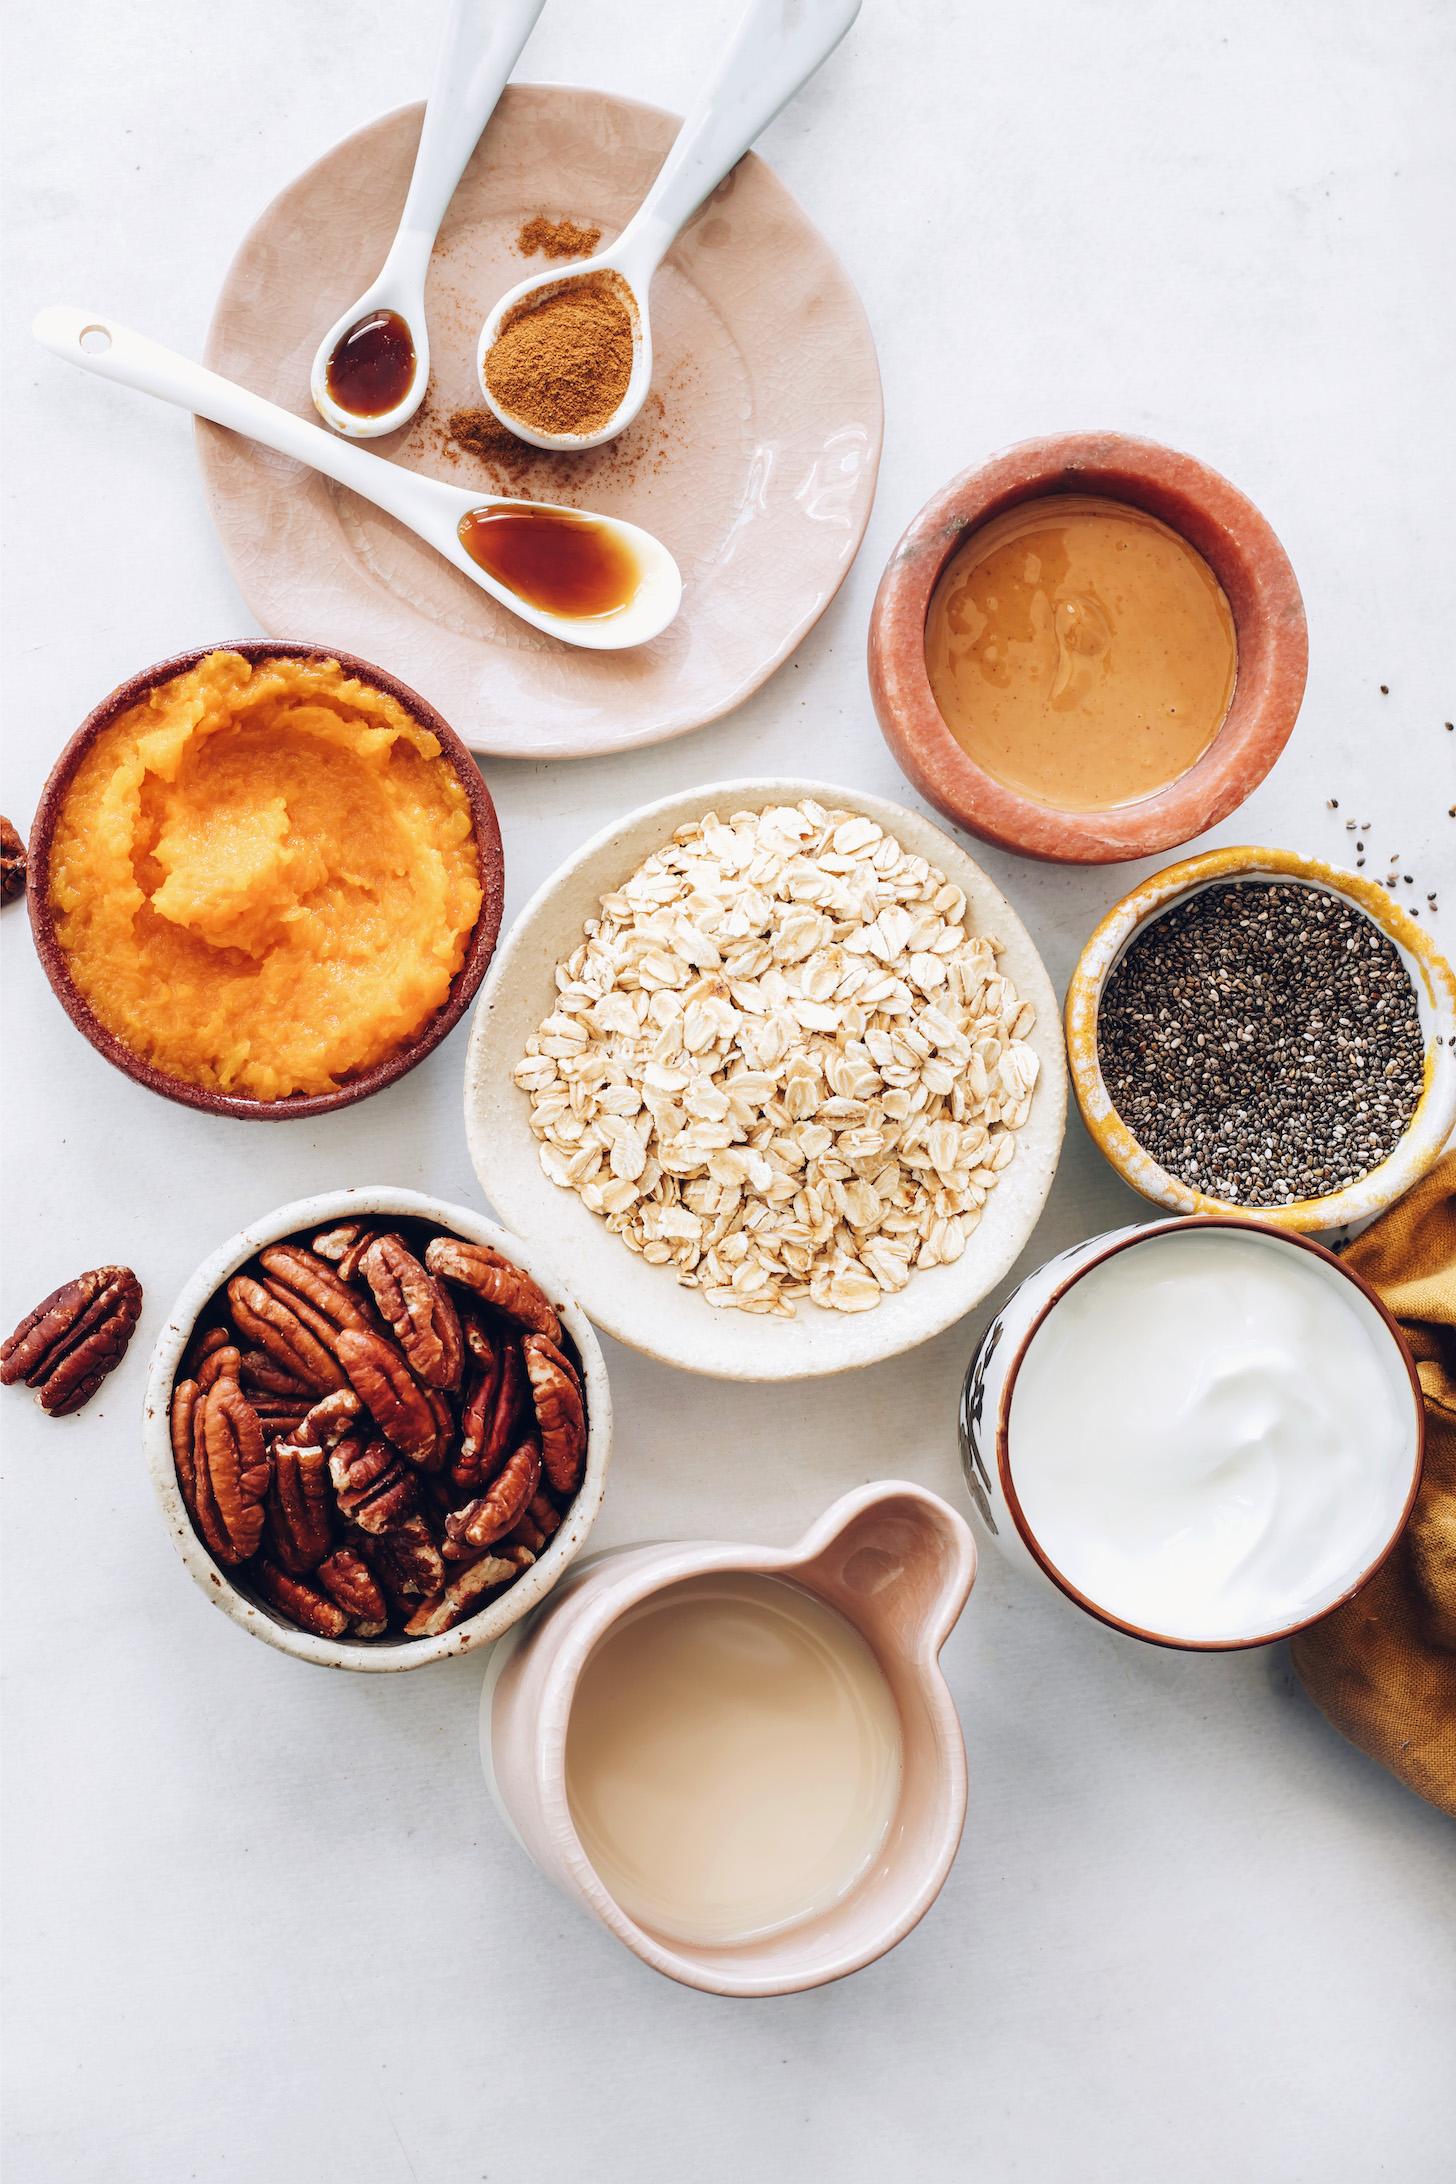 Sirop d'érable, vanille, épices pour tarte à la citrouille, beurre d'amande, graines de chia, yogourt à la noix de coco, avoine, purée de citrouille, pacanes et lait d'amande